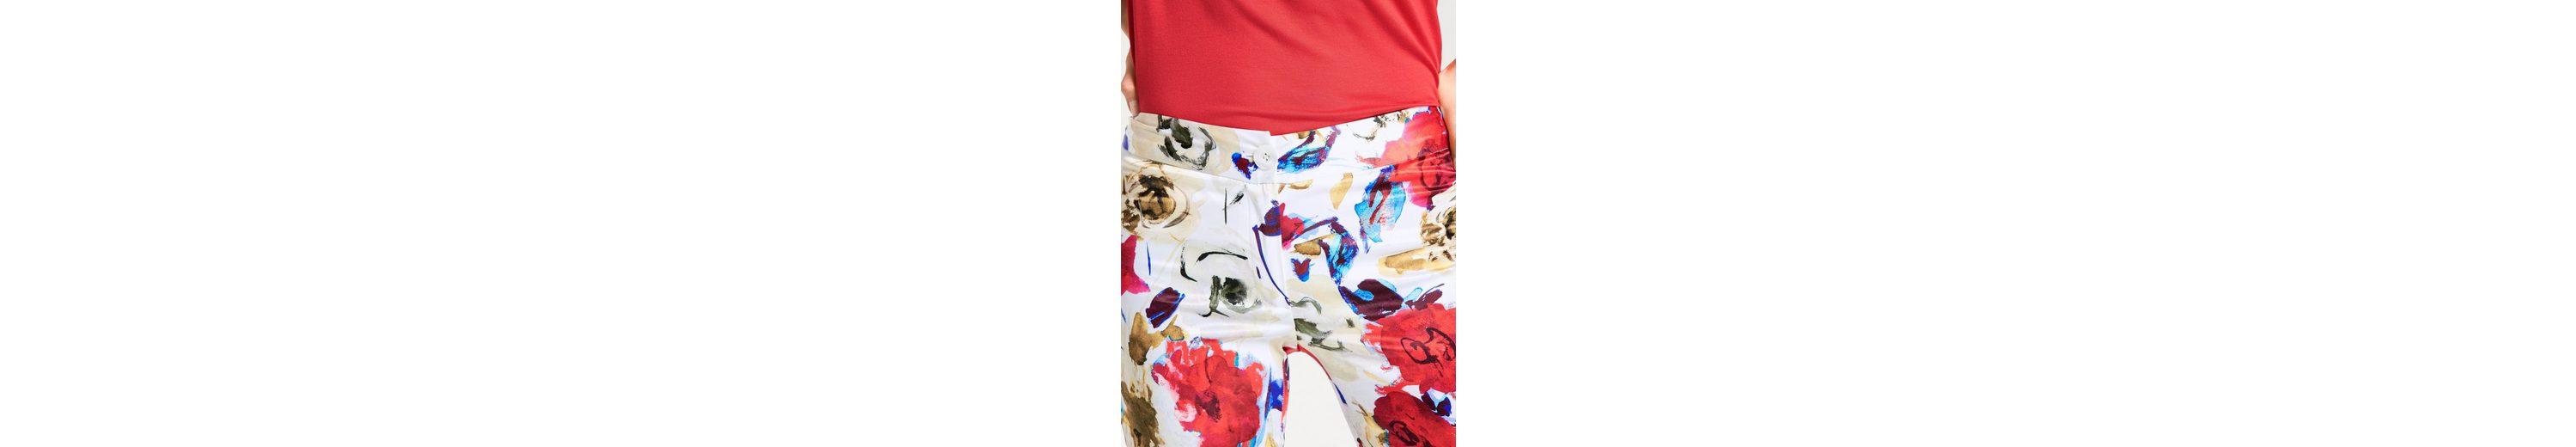 Spielraum Echt Rabatt Niedrigen Preis Versandgebühr ASHLEY BROOKE by Heine Bodyform-Druckhose mit Shape-Funktion Günstiger Preis Auslass Verkauf m86Mc7QvFA